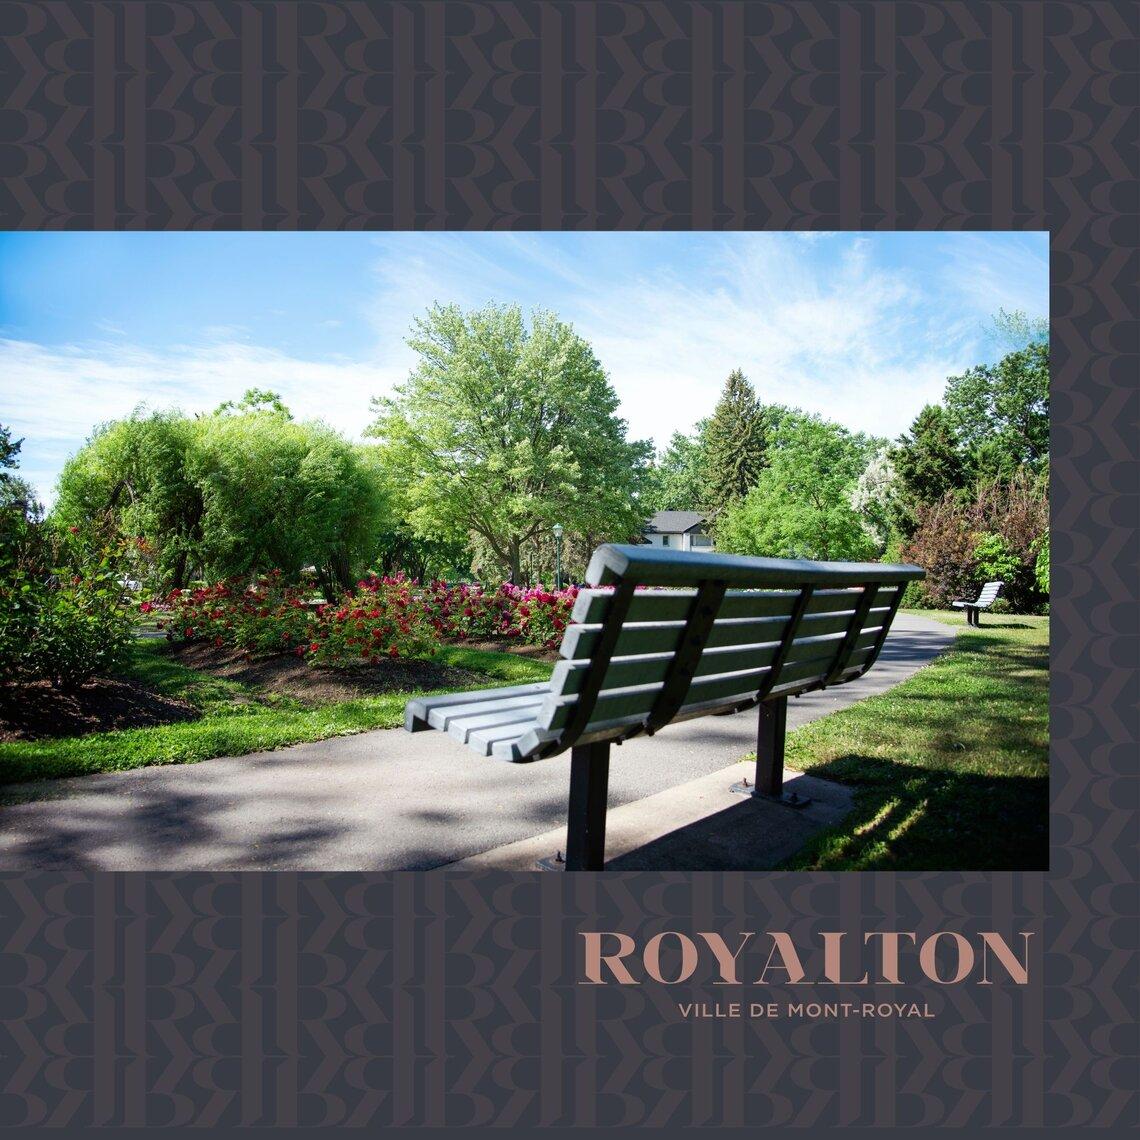 projet royalton mont royal